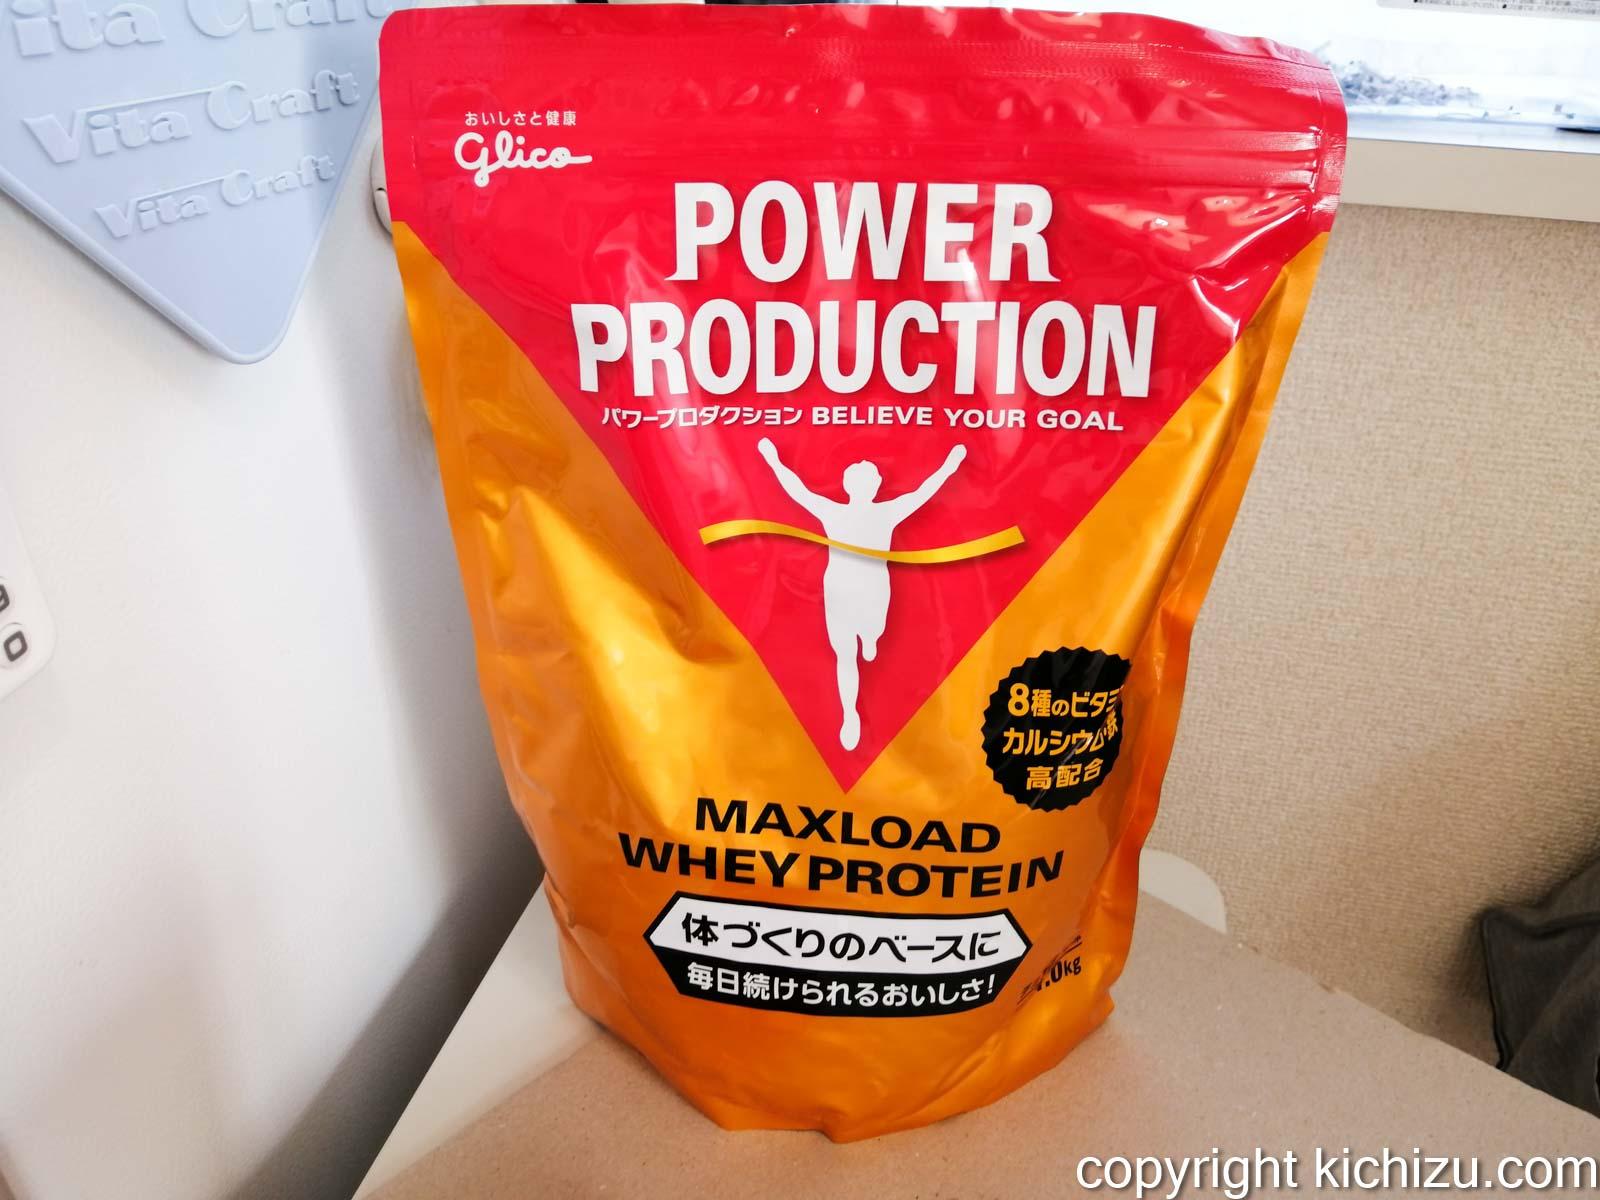 グリコ パワープロダクション マックスロード ホエイ プロテイン チョコレート味 1.0kg